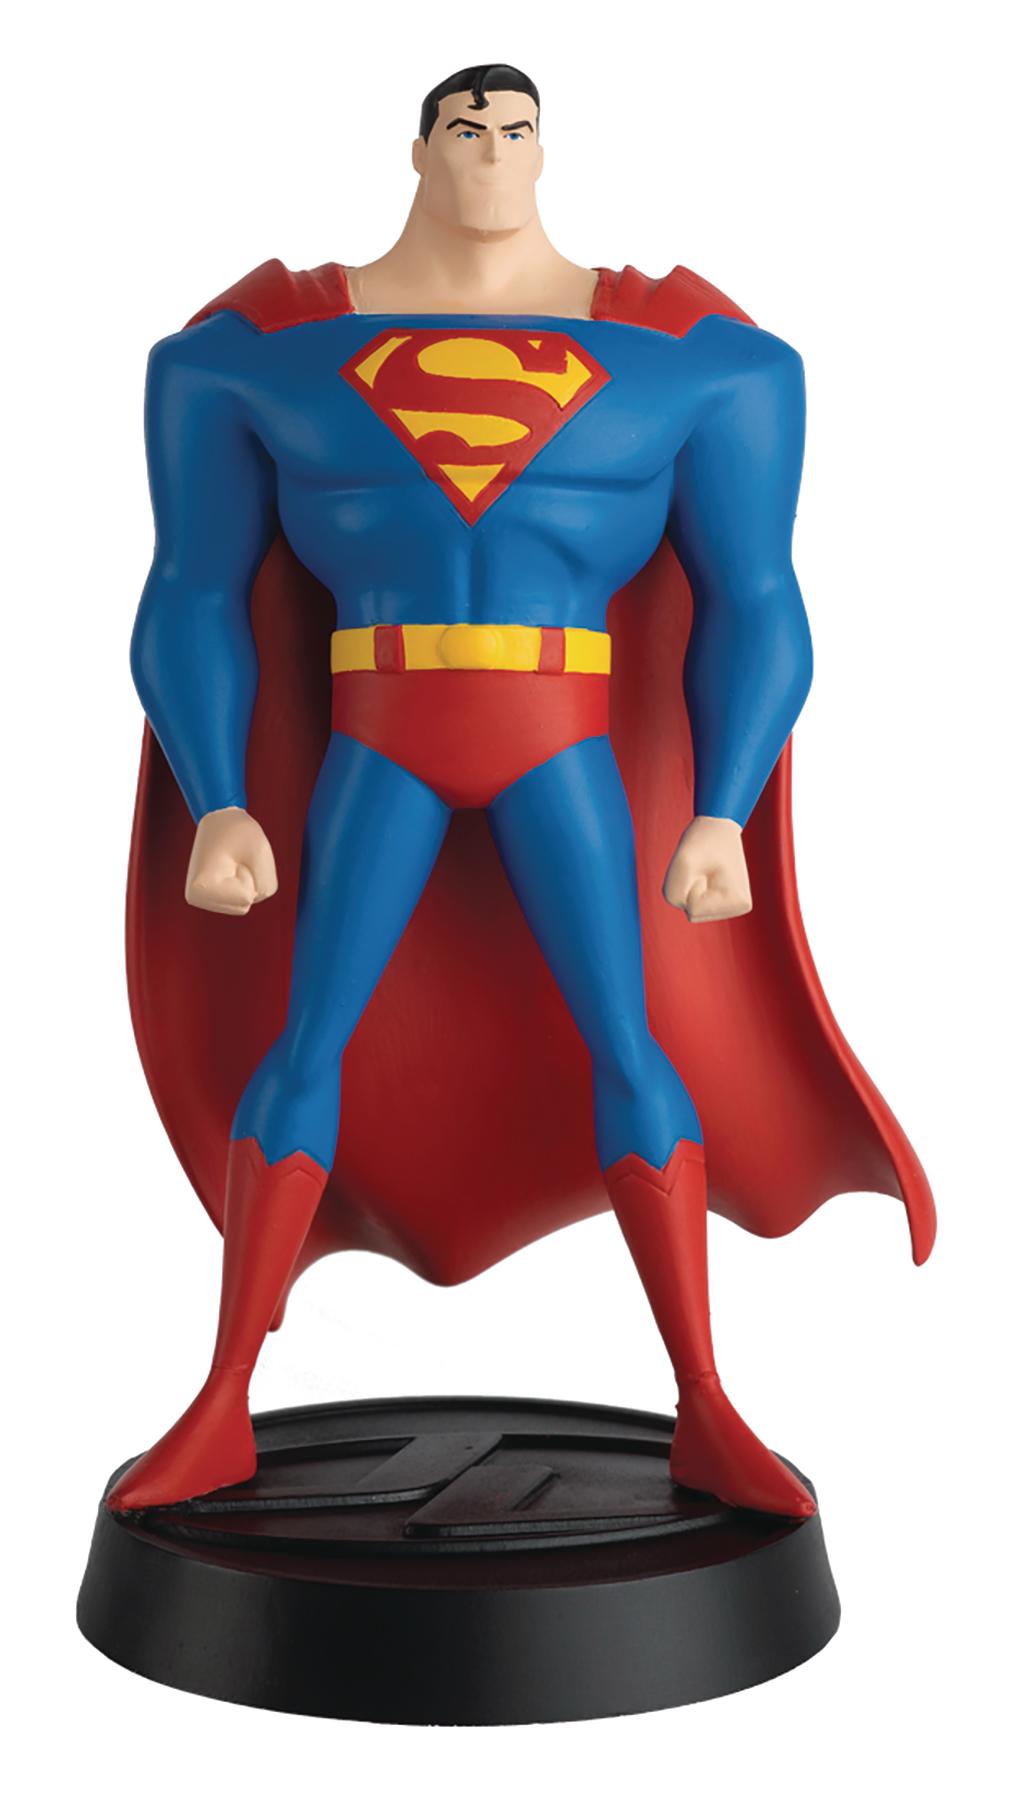 APR182201 - DC JUSTICE LEAGUE TAS FIG COLL SER 1  1 SUPERMAN ... f4ad1d0a526